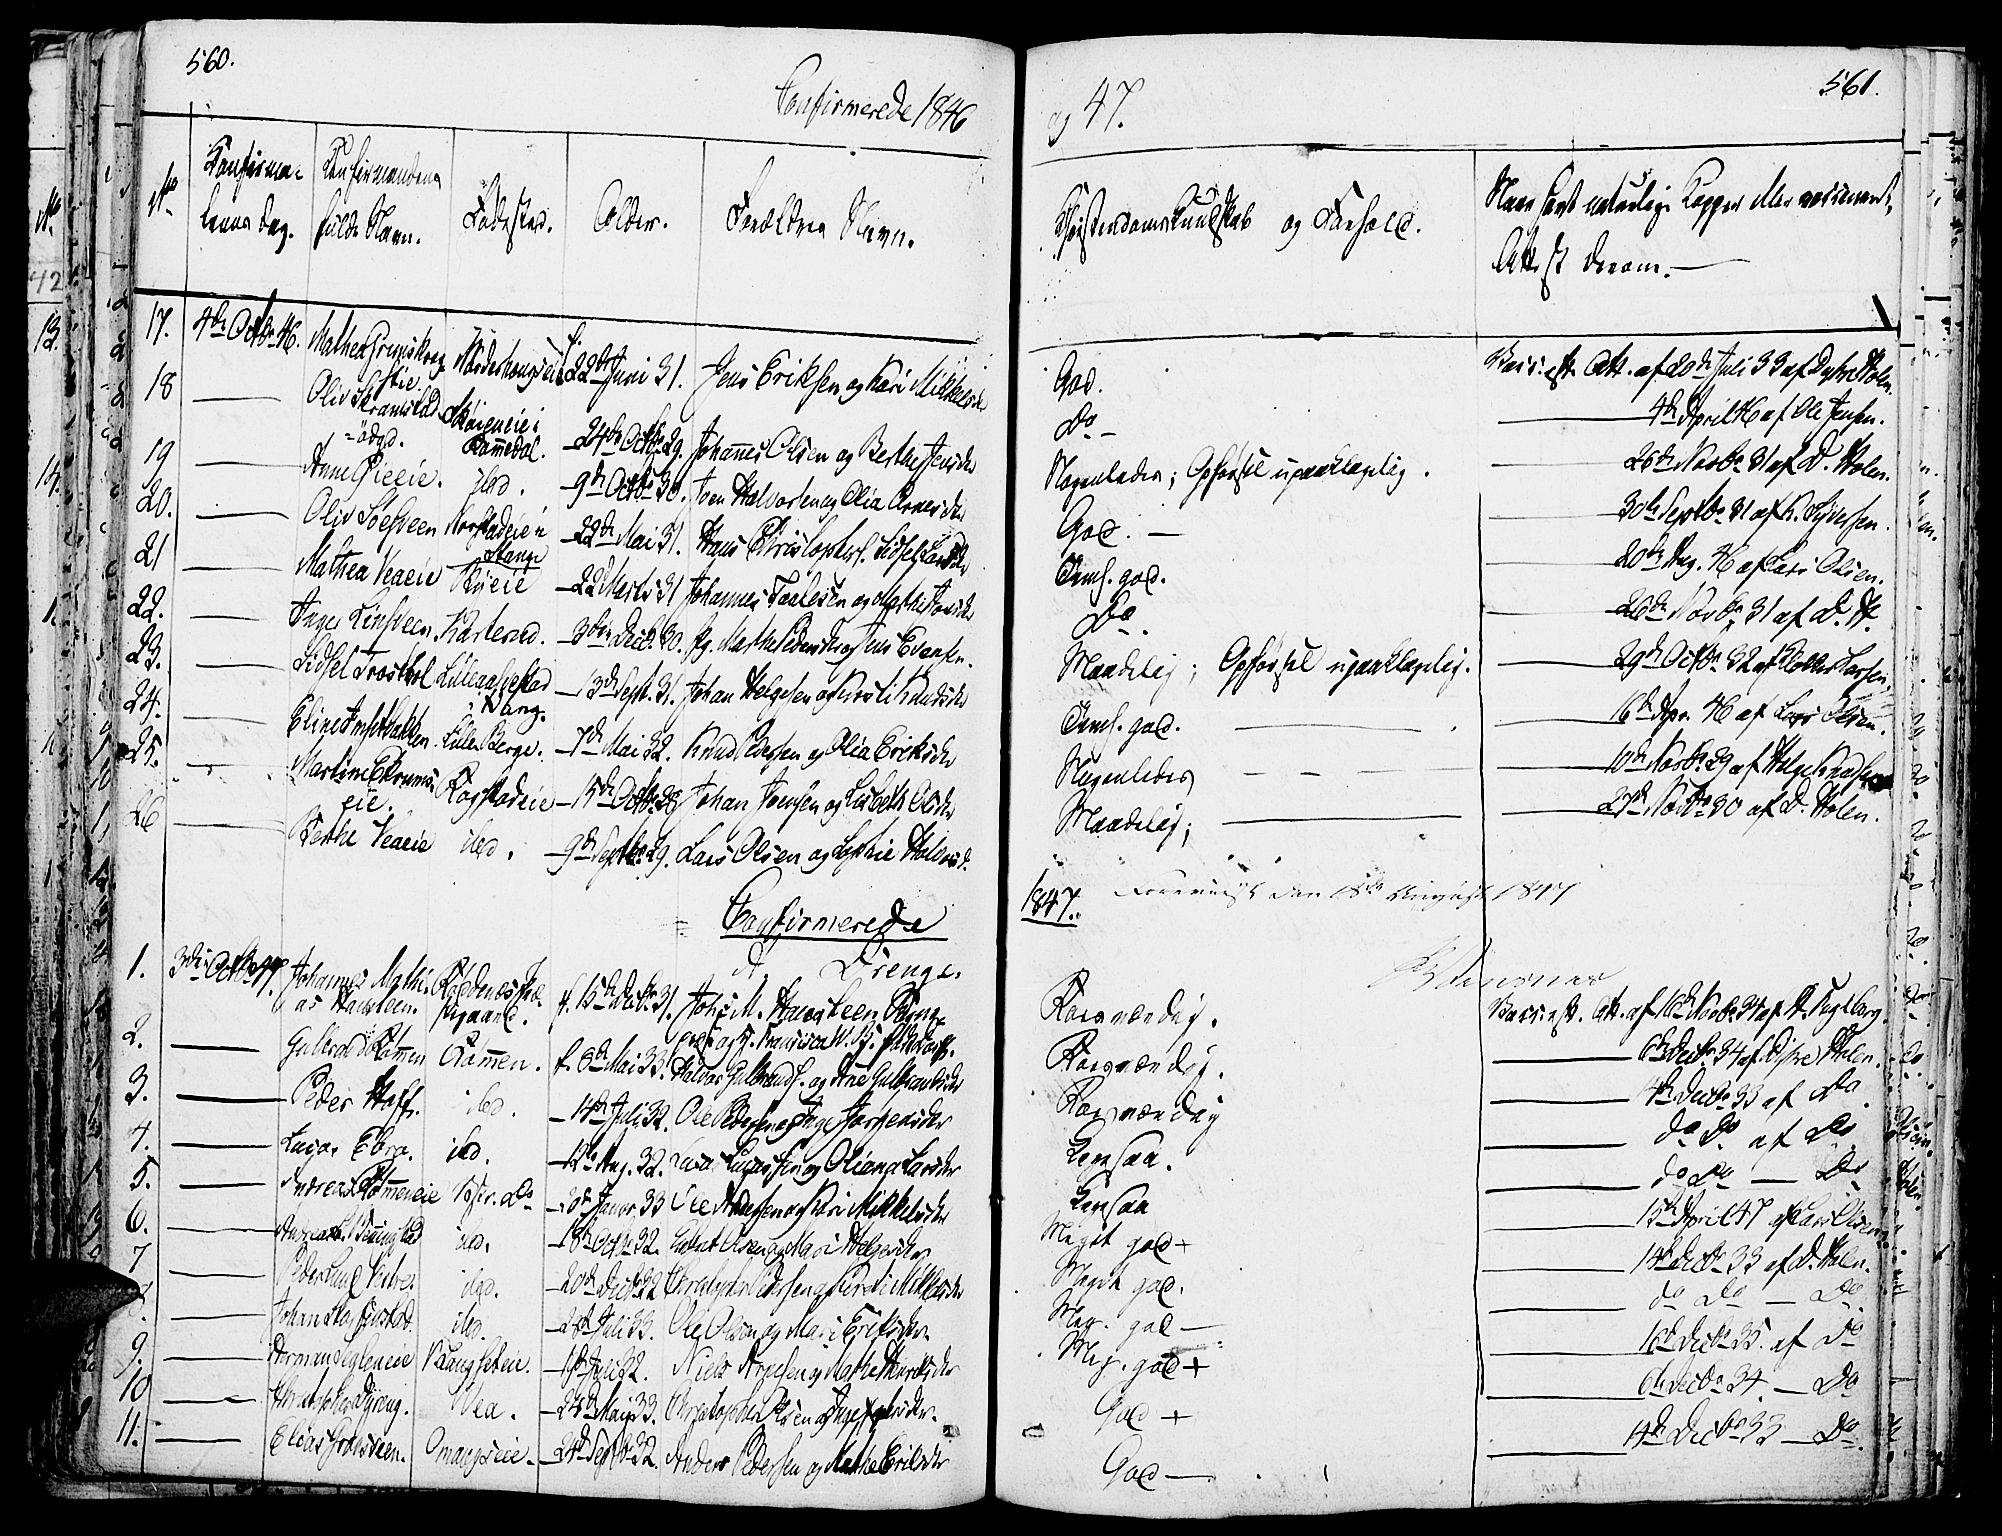 SAH, Løten prestekontor, K/Ka/L0006: Parish register (official) no. 6, 1832-1849, p. 560-561